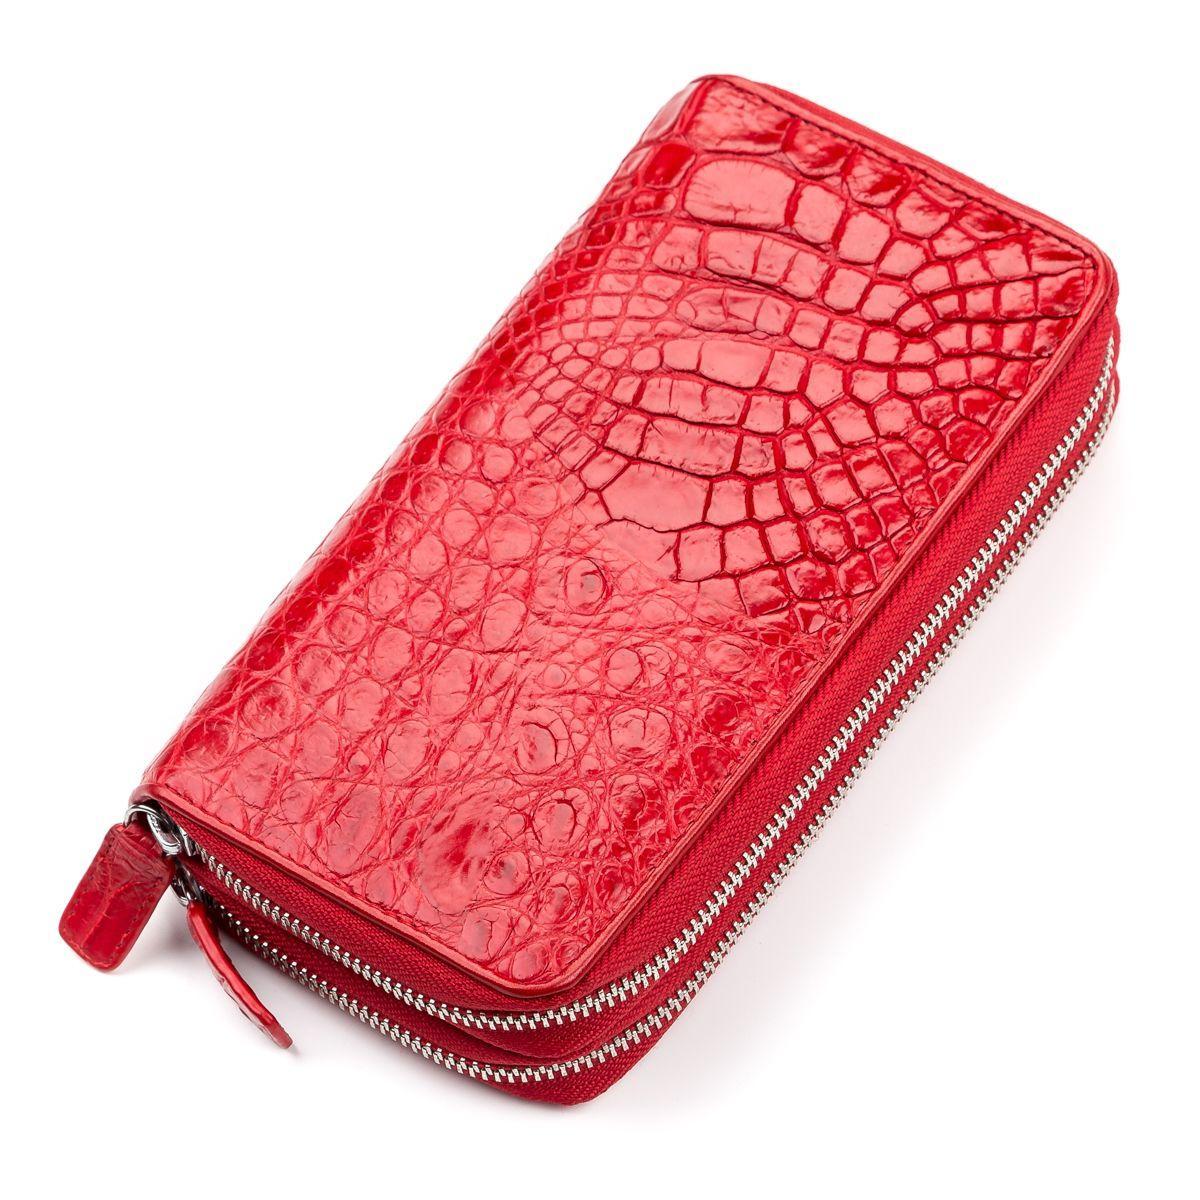 Кошелек- клатч женский CROCODILE LEATHER 18027 из натуральной кожи крокодила Красный, Красный